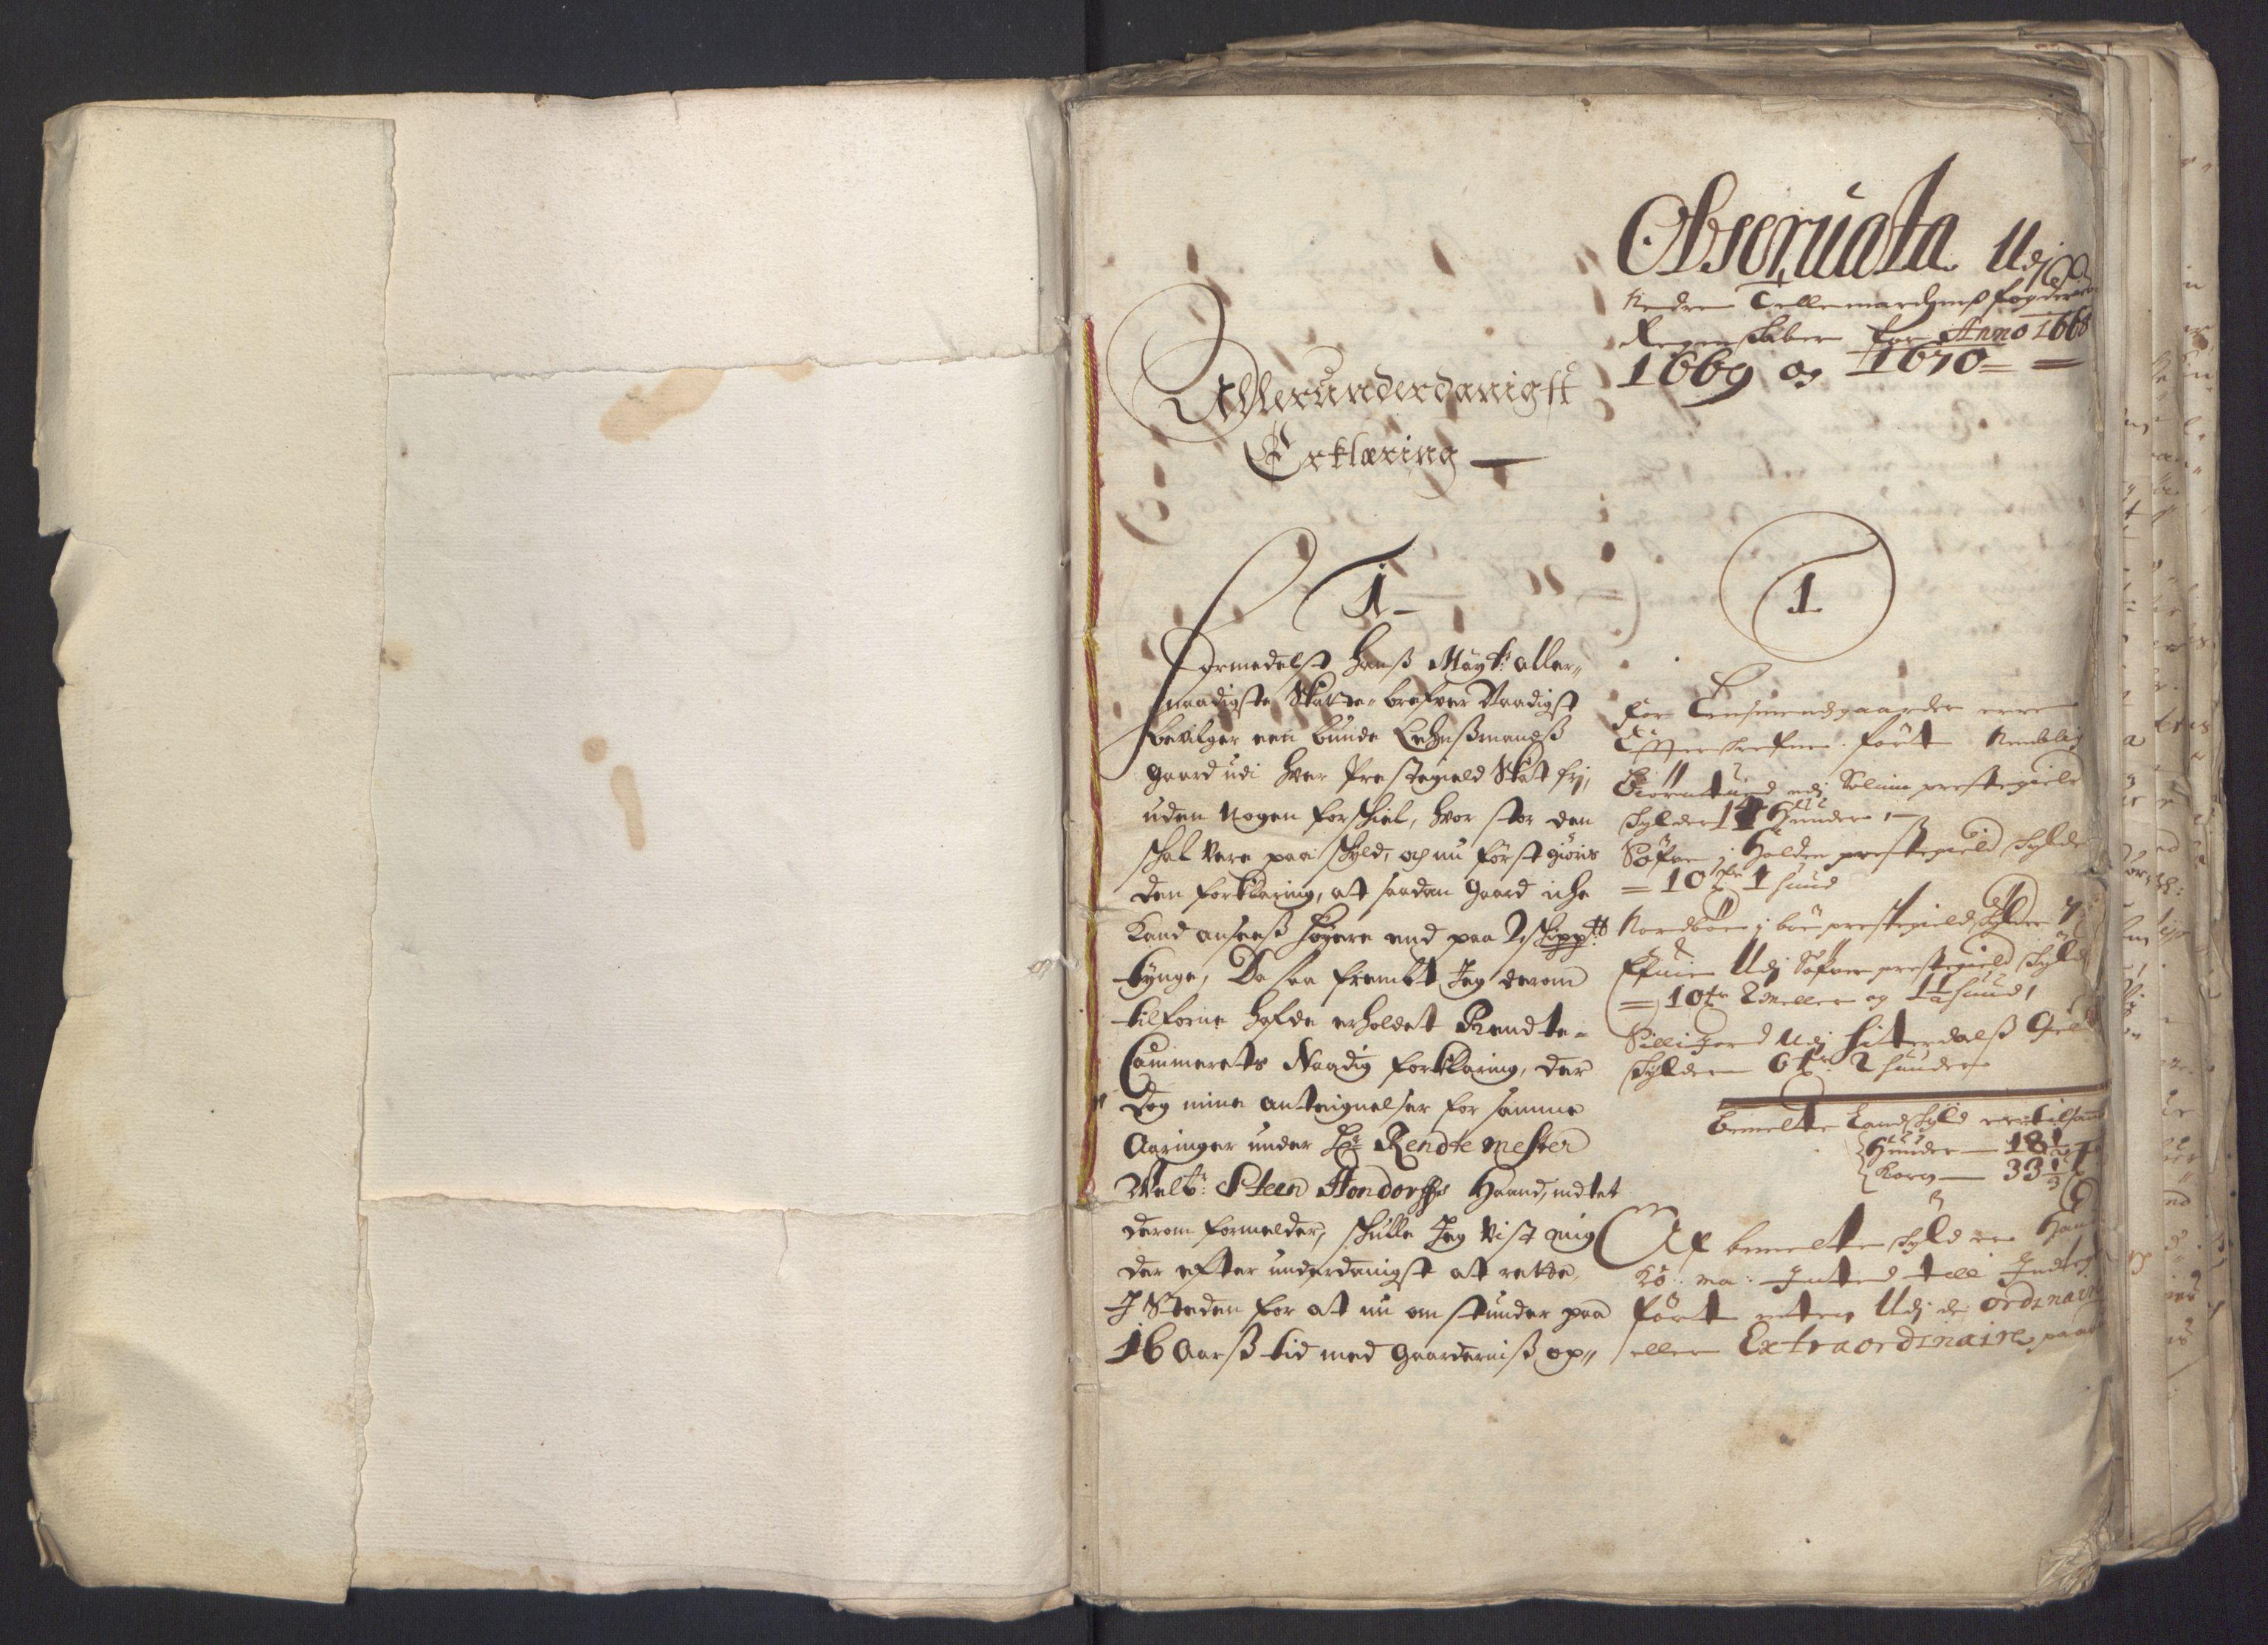 RA, Rentekammeret inntil 1814, Reviderte regnskaper, Fogderegnskap, R35/L2062: Fogderegnskap Øvre og Nedre Telemark, 1674, s. 4